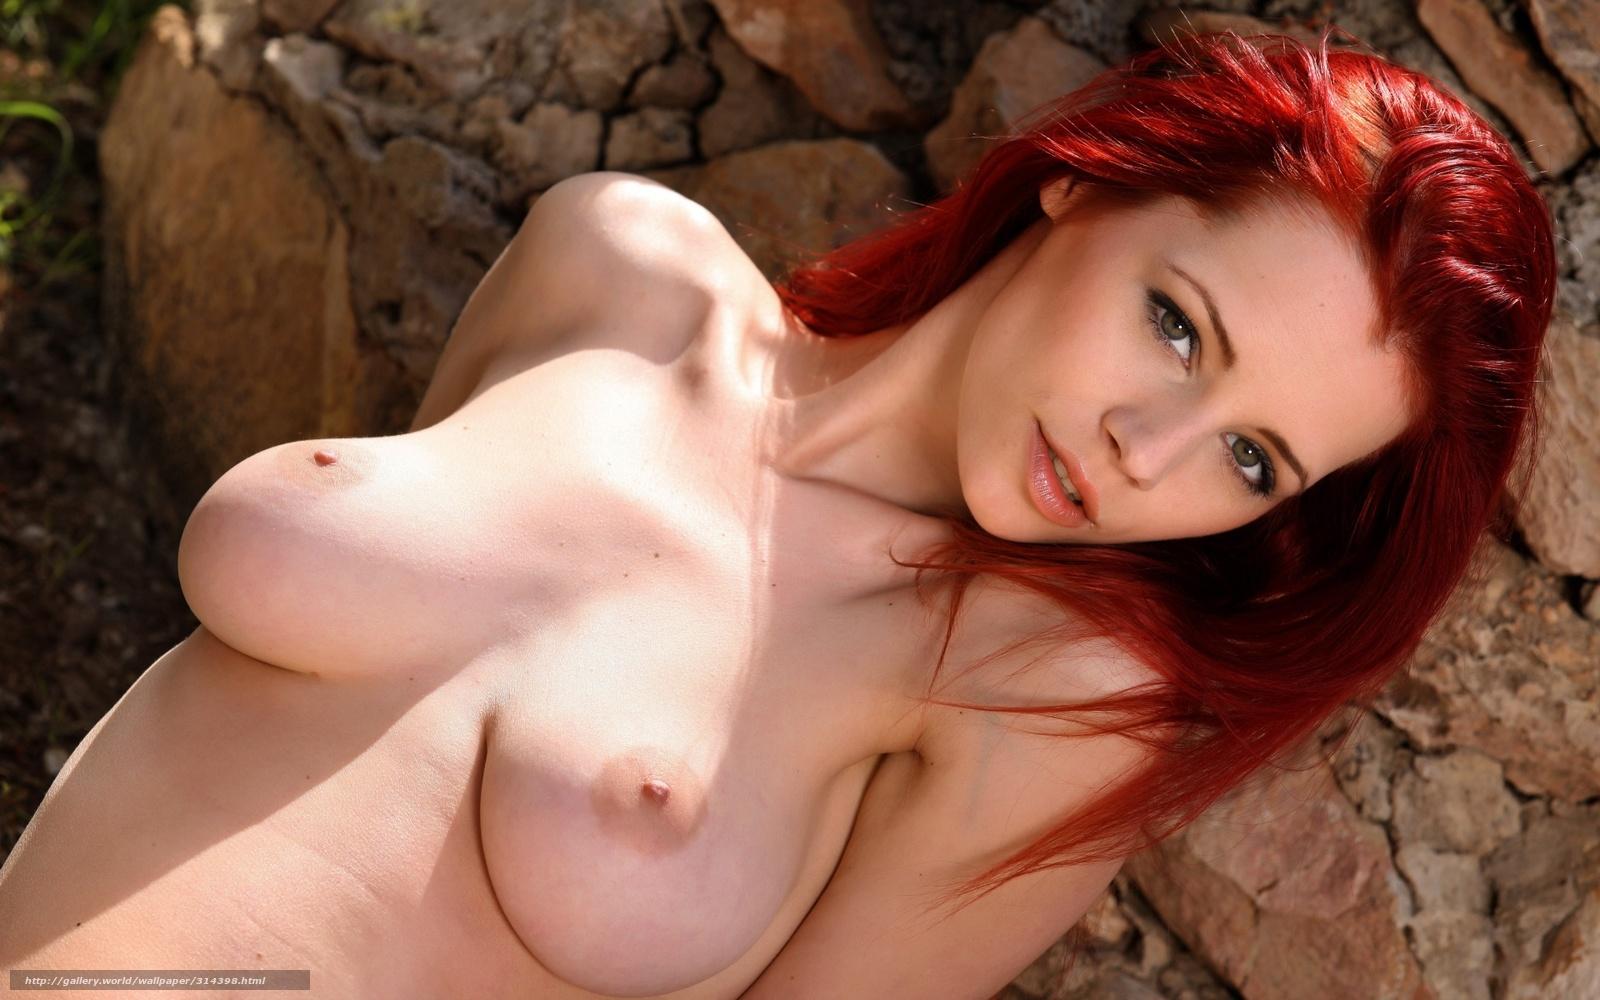 Смотреть ариел секс, Ariel » Только лучшее бесплатное порно онлайн 8 фотография